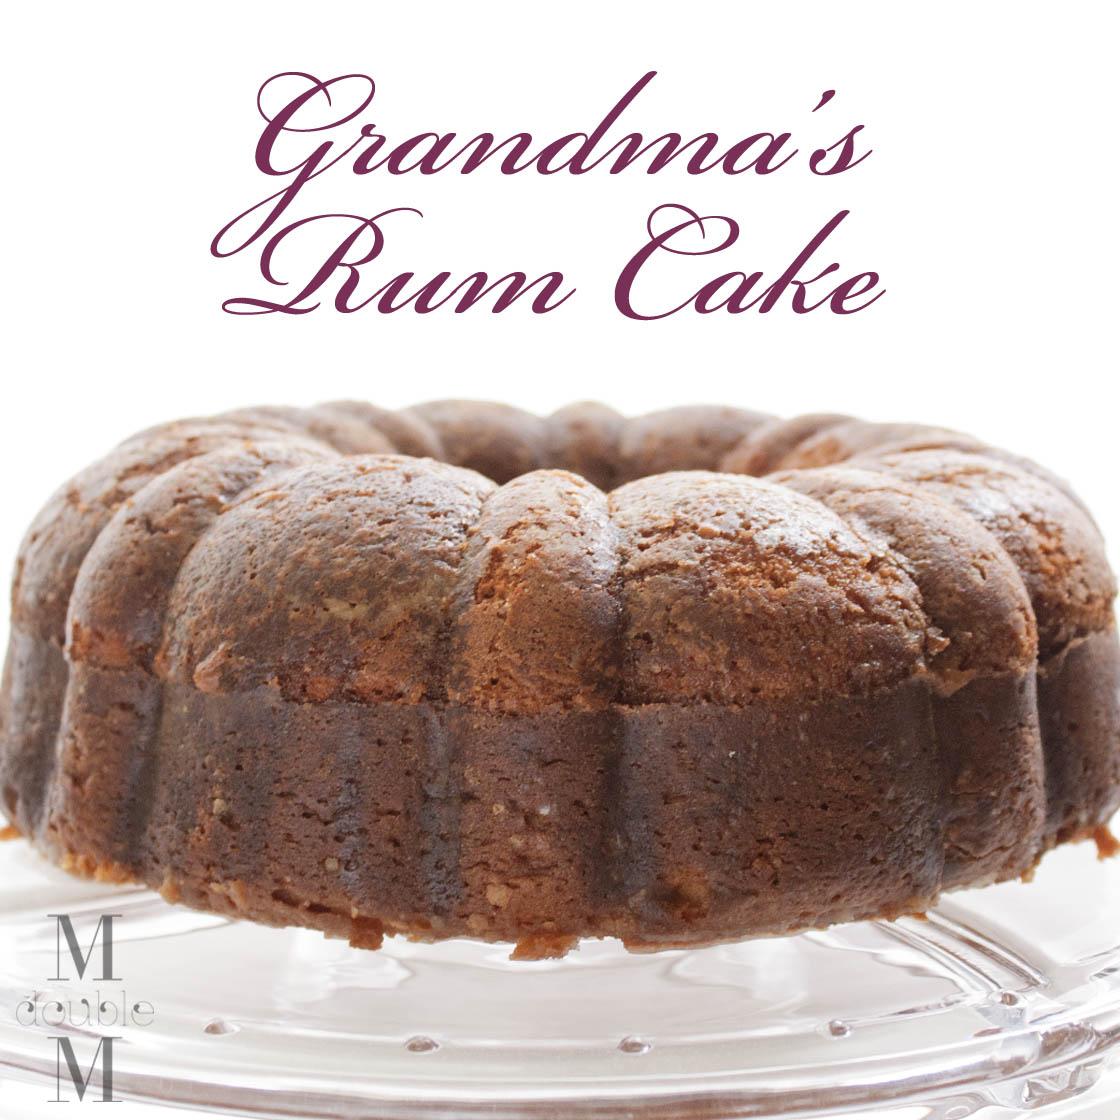 M Double M: Grandma's Rum Cake (recipe